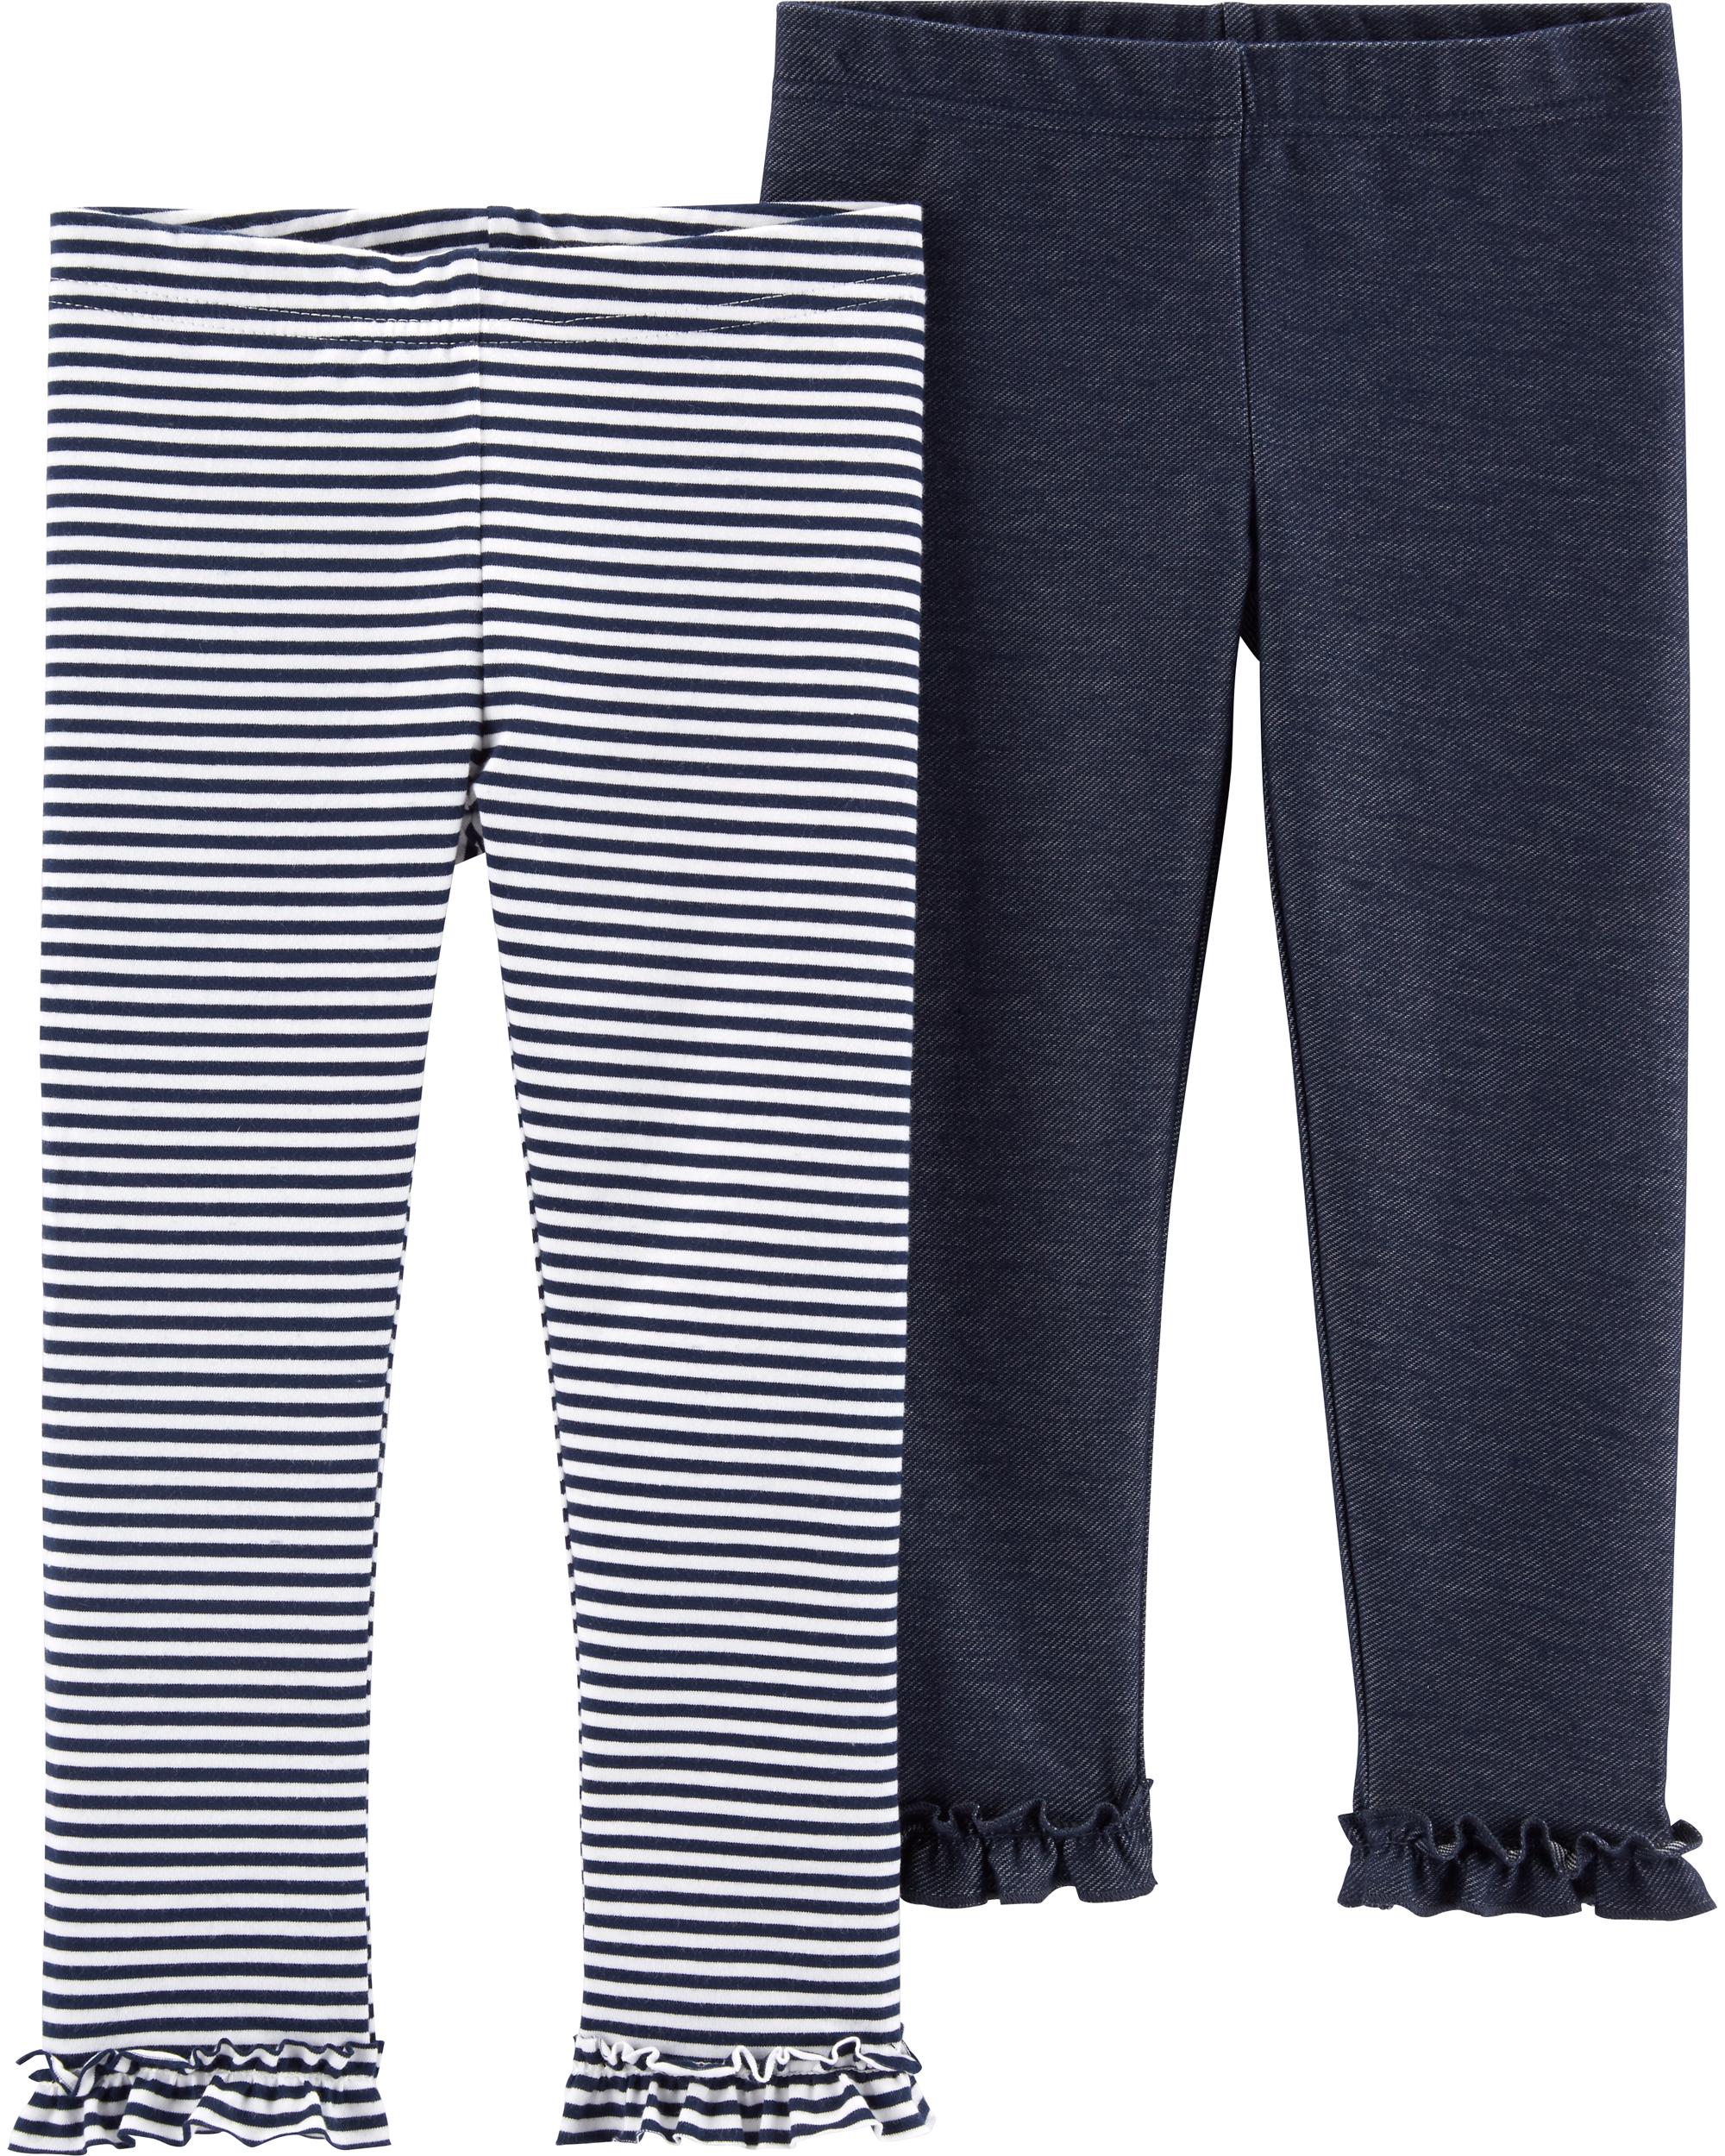 זוג טייצים דמוי ג'ינס/פסים